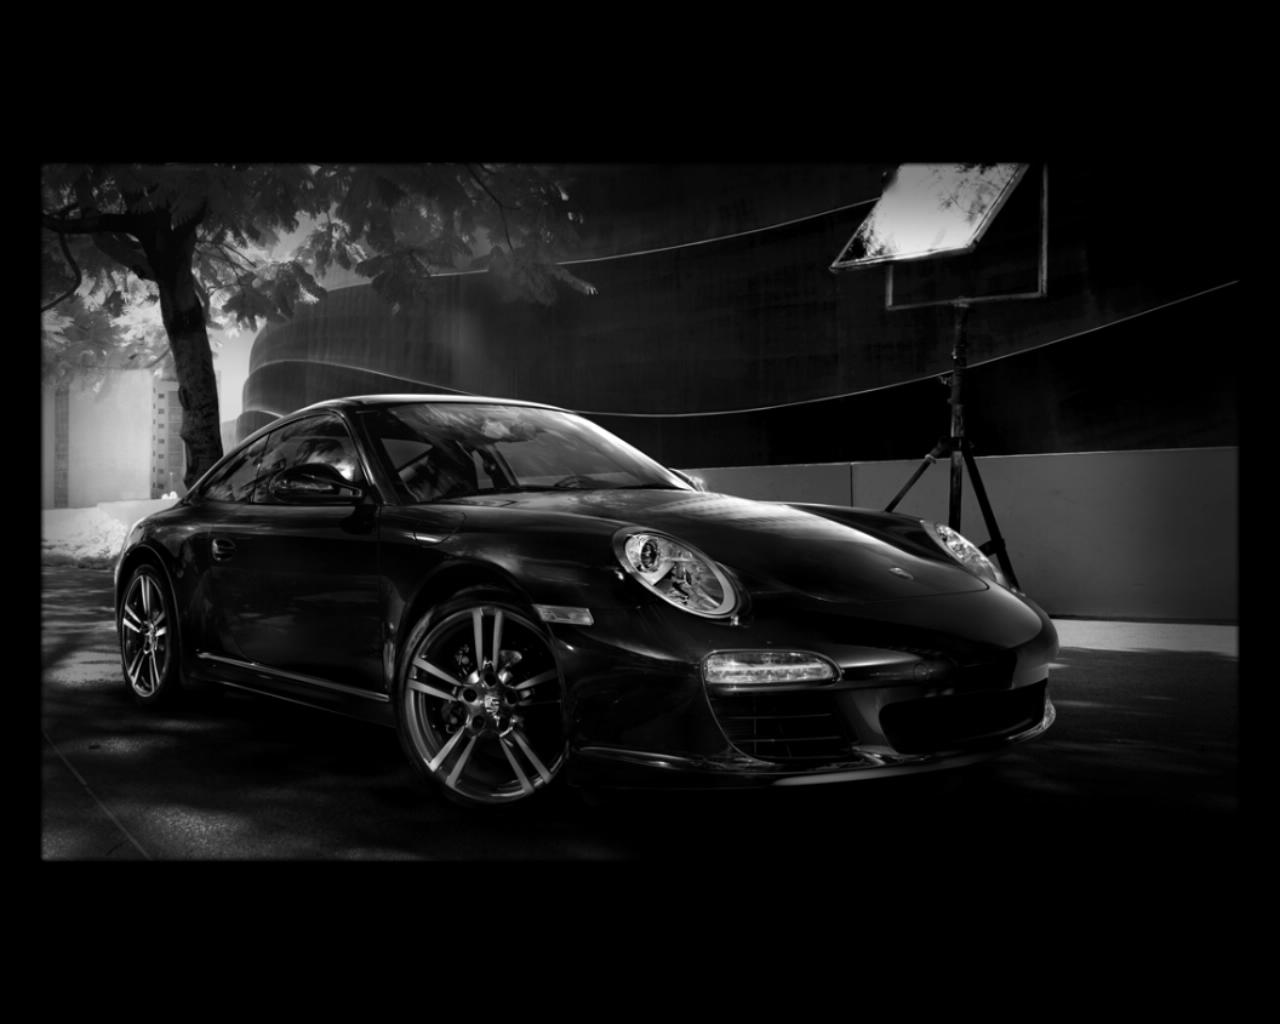 beverly hills porsche official blog: 2011 911 carrera black edition